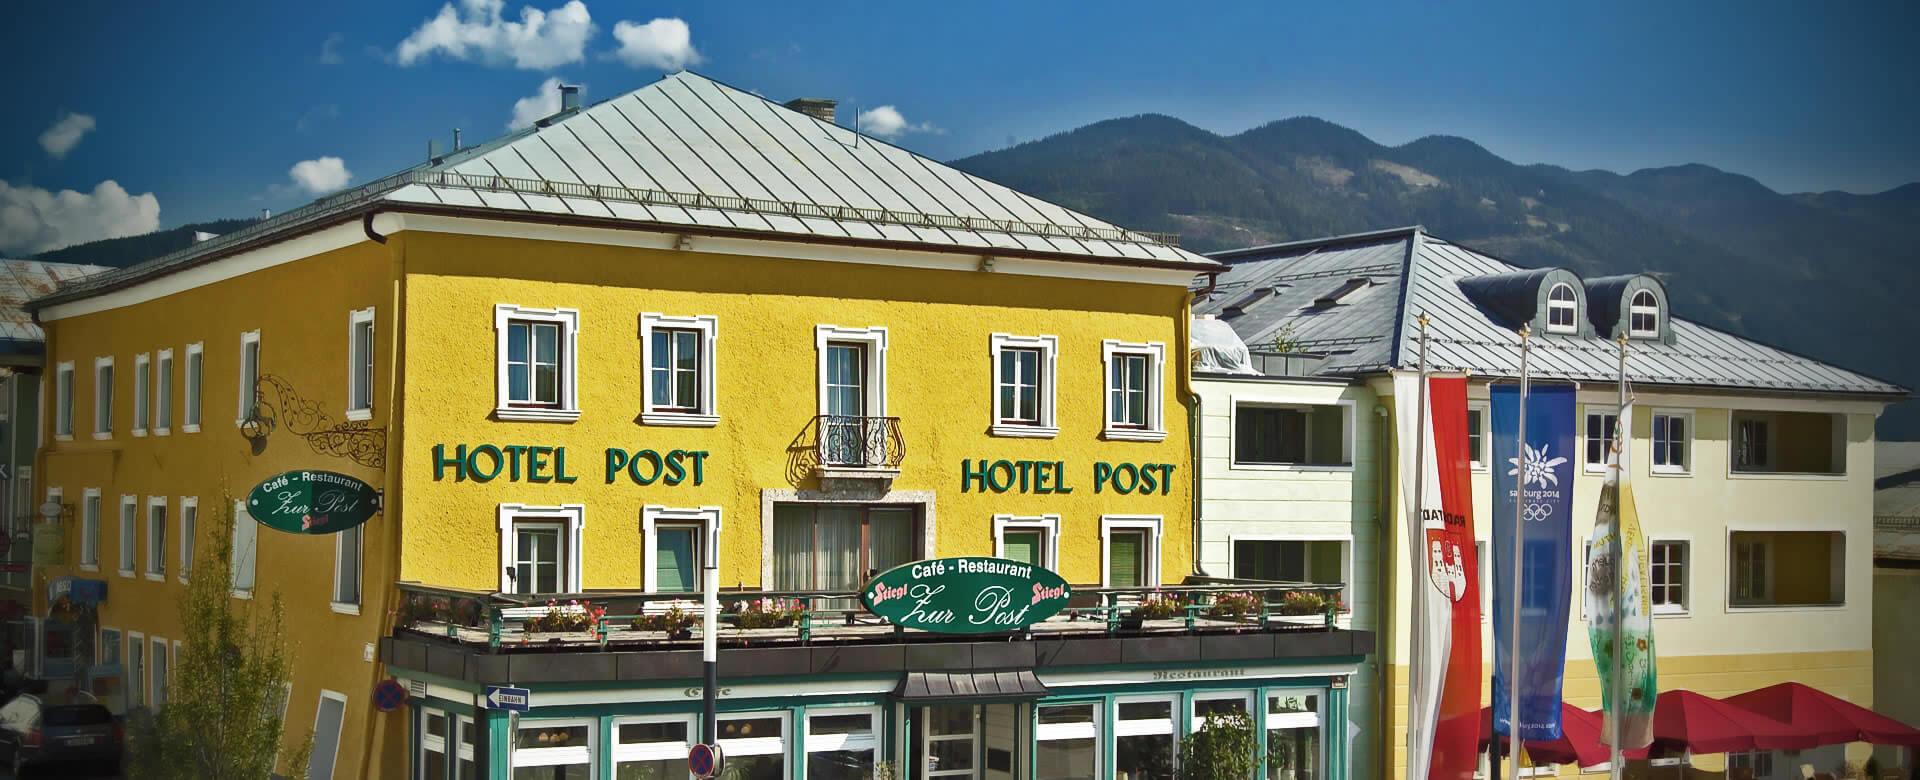 Gesundheits Vital Hotel Post In Radstadt Salzburger Land